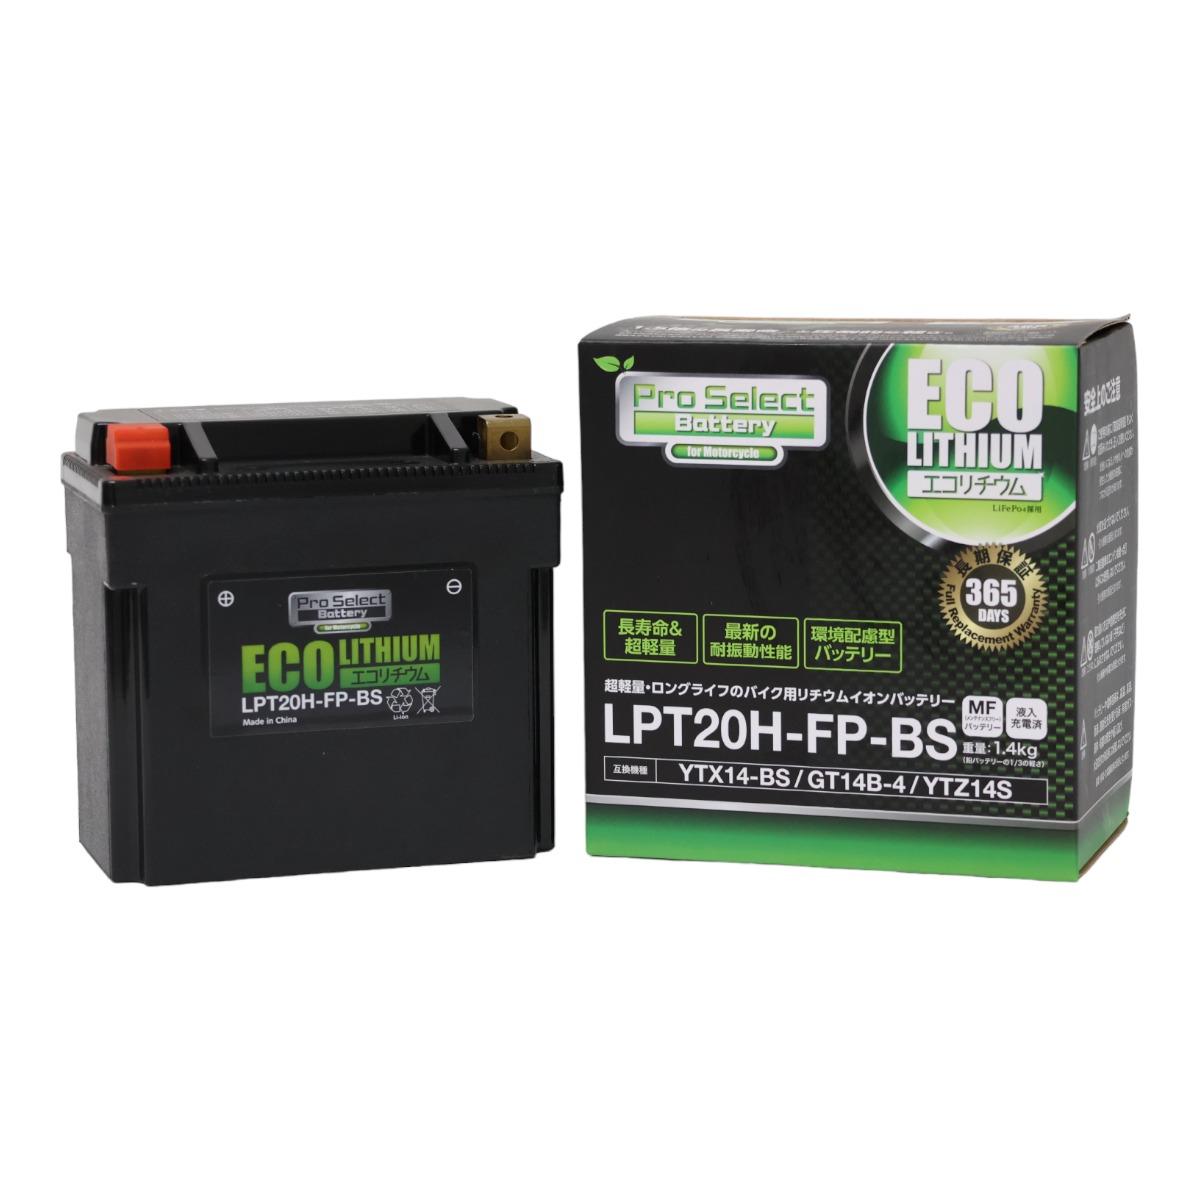 LPT20H-FP-BS エコリチウムイオンバッテリー